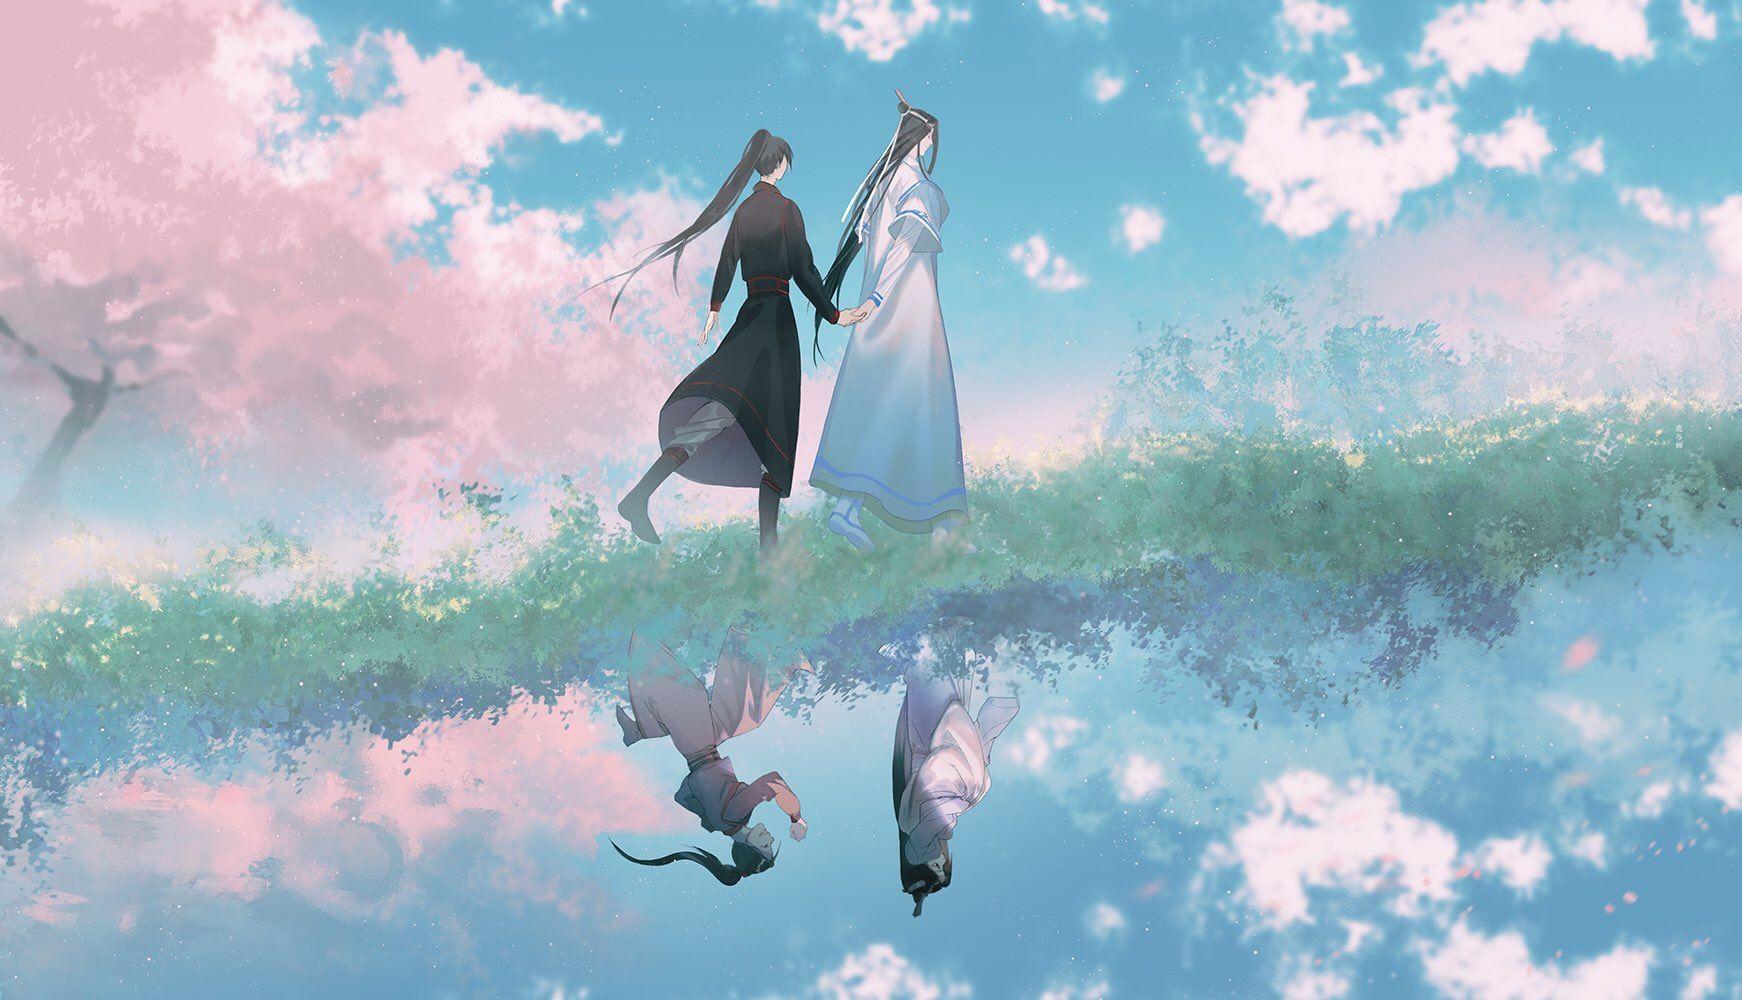 ปักพินโดย Ying Ying ใน 魔道祖师 พื้นหลัง, แฟนอาร์ท, คู่รัก